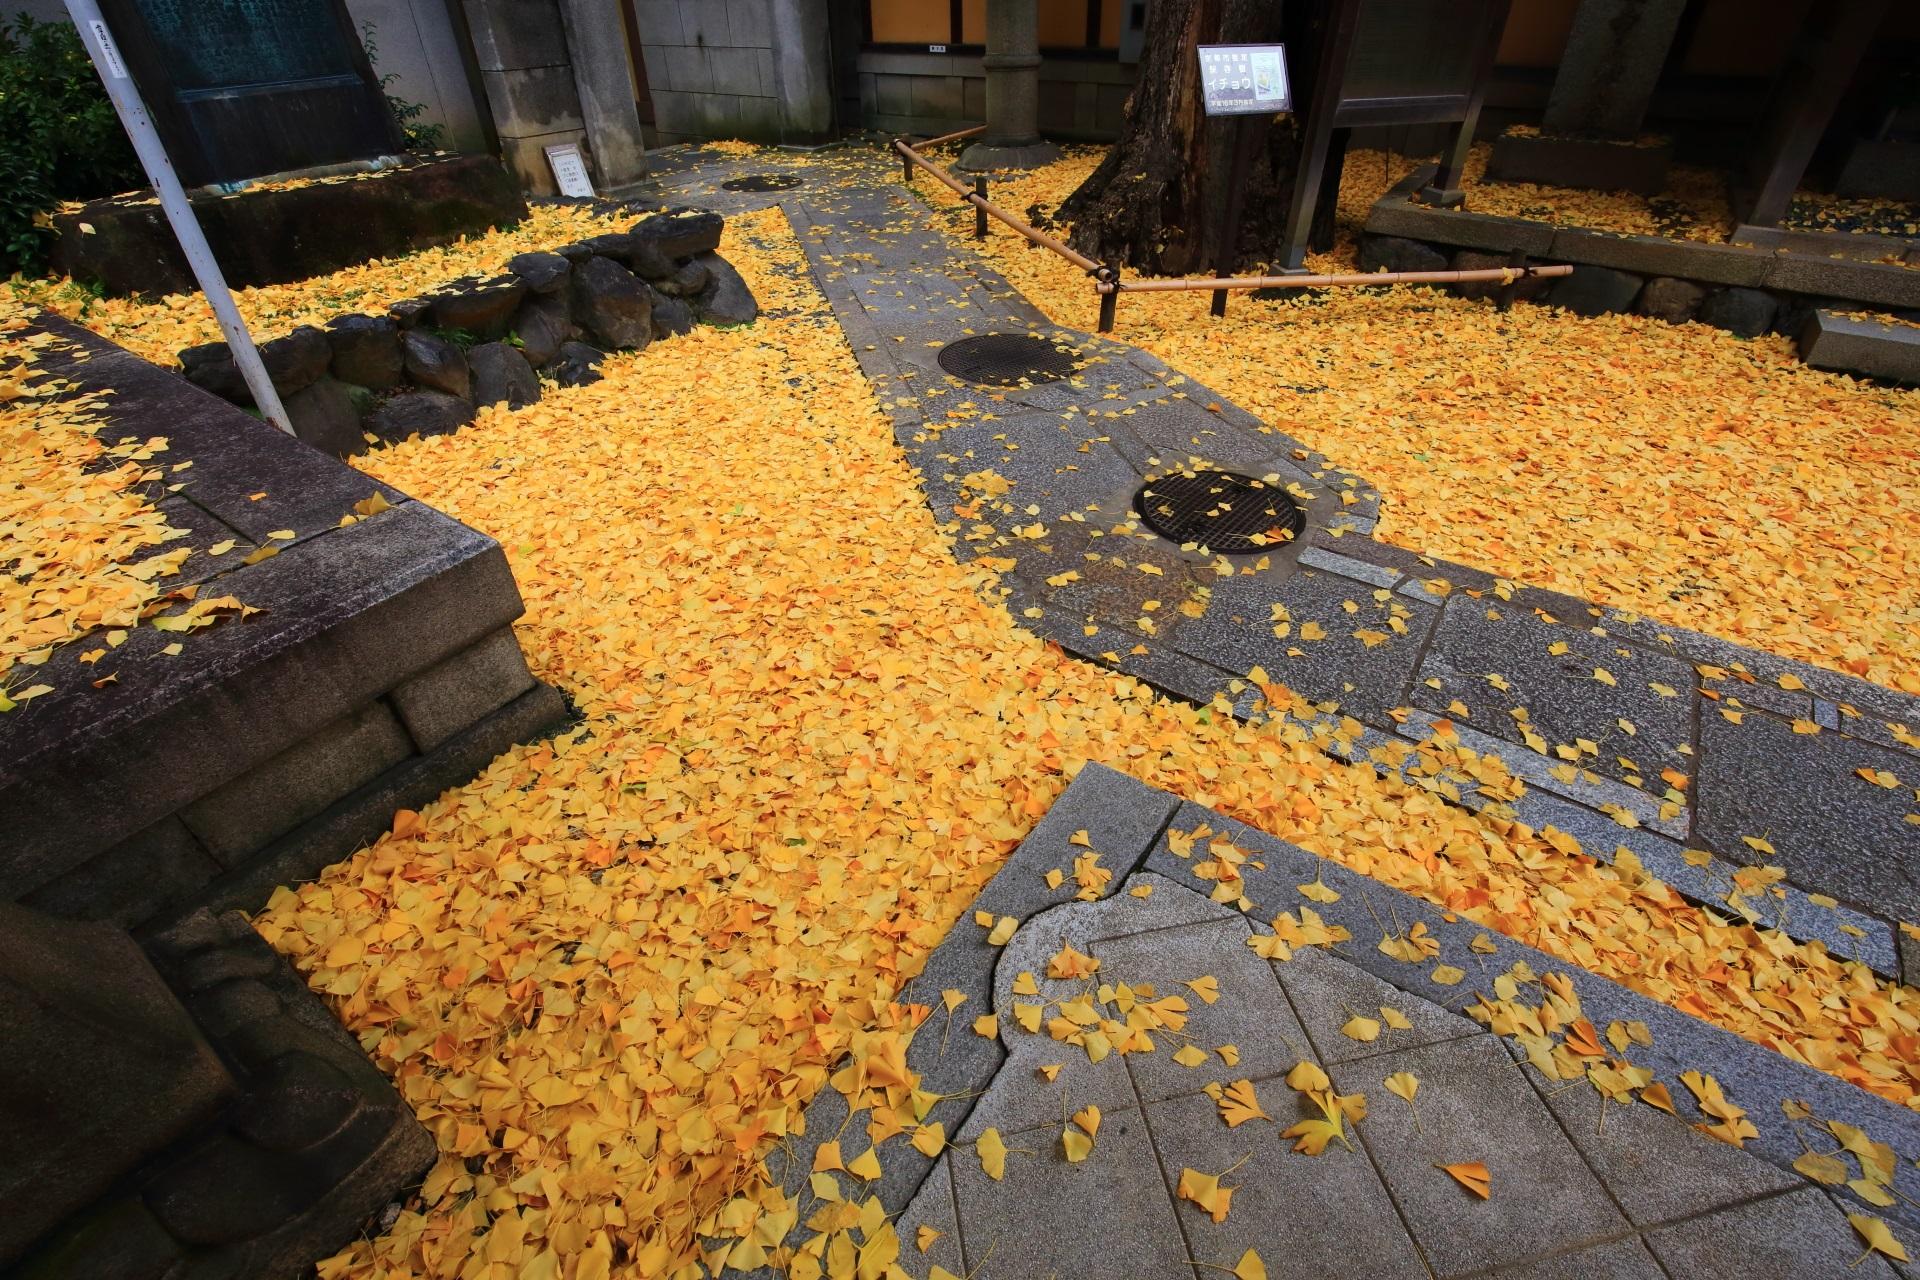 本能寺のあまり目にしない独特の秋模様と秋色